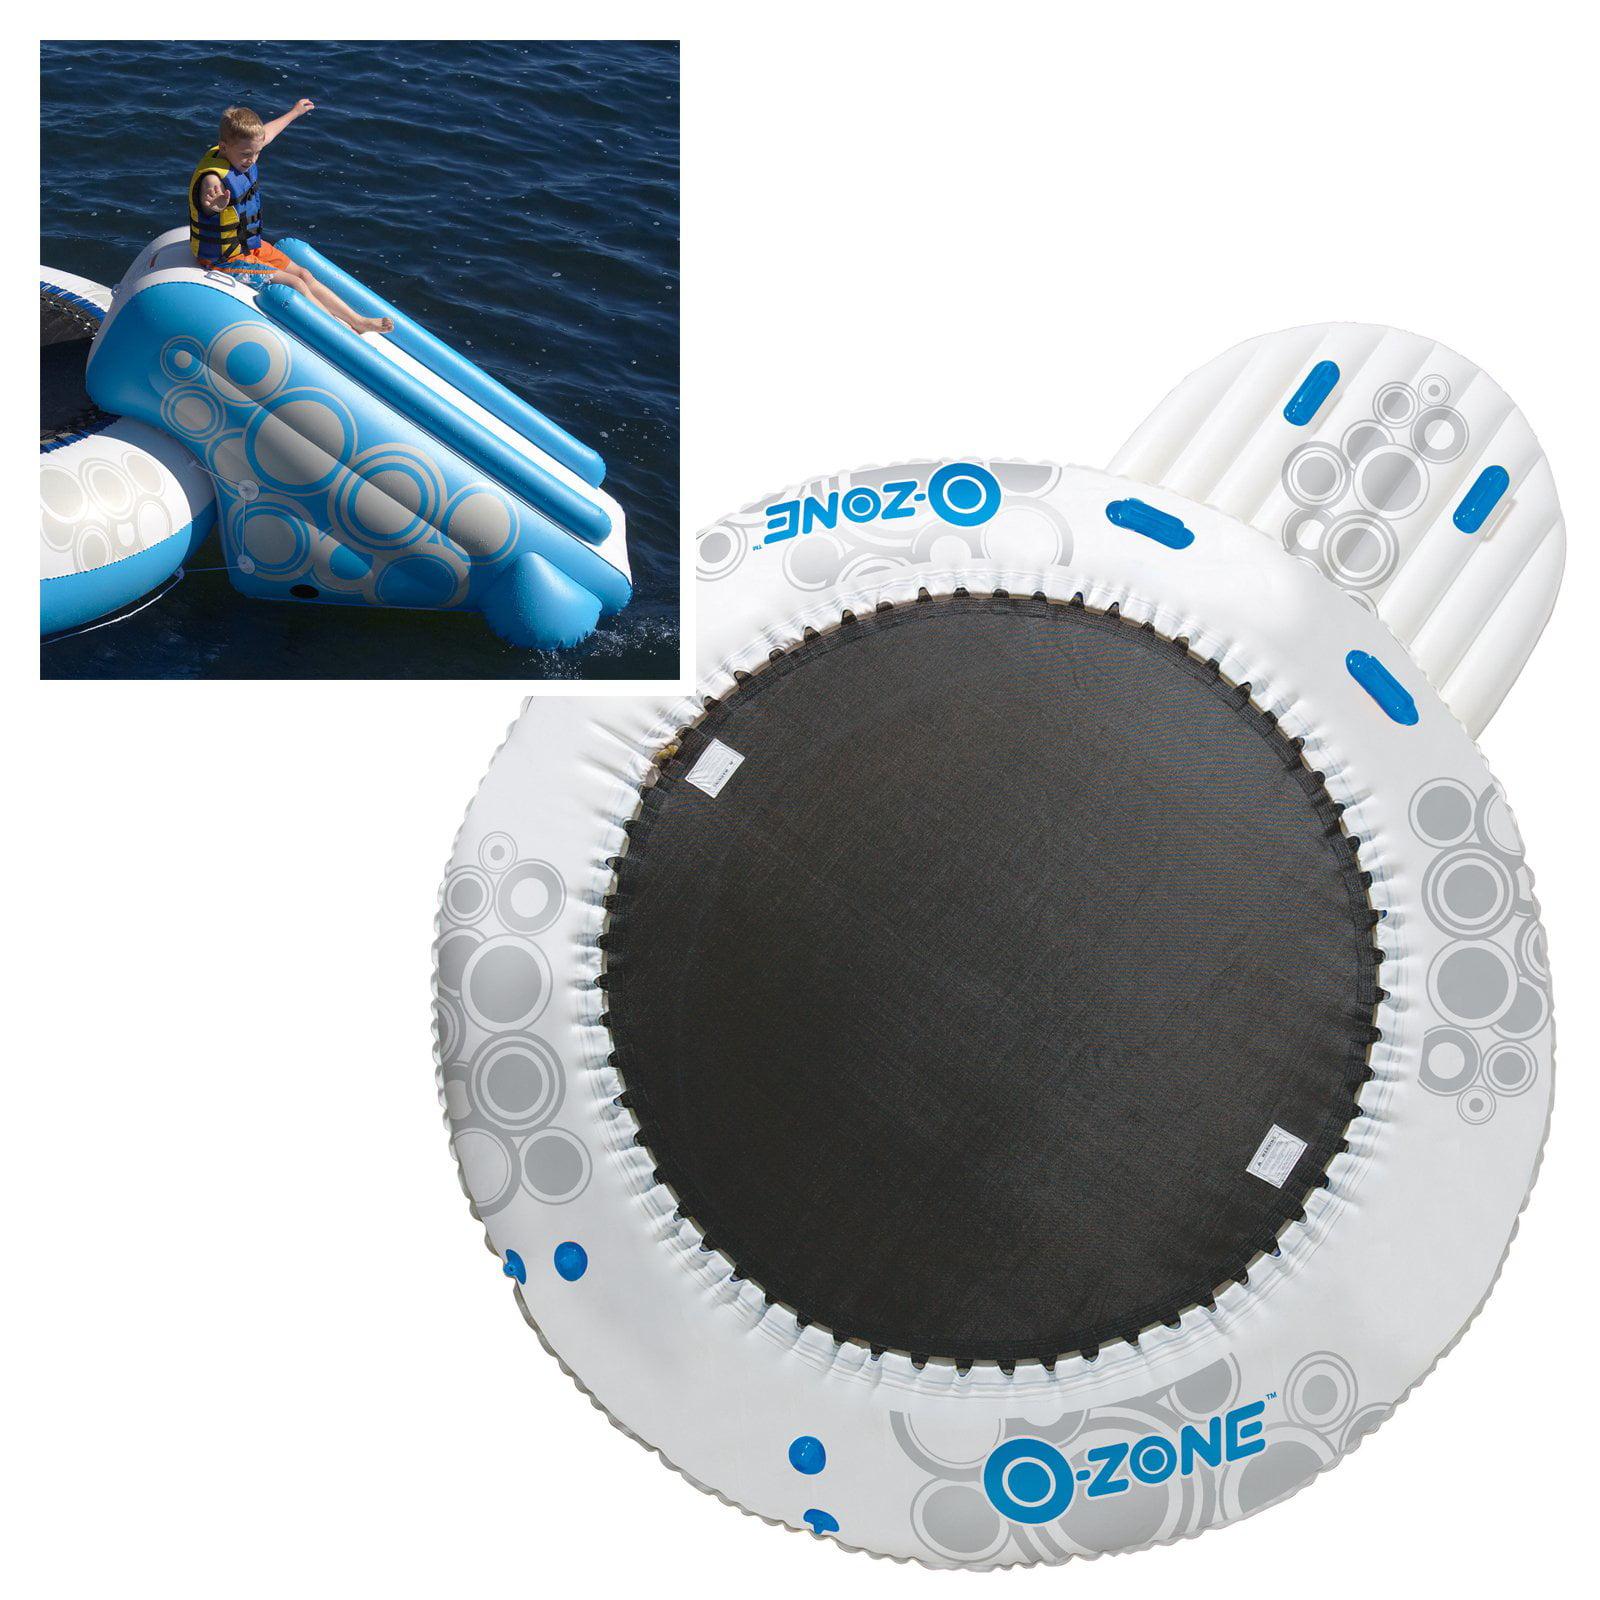 RAVE Sports 5 ft. O-Zone Bounce Platform